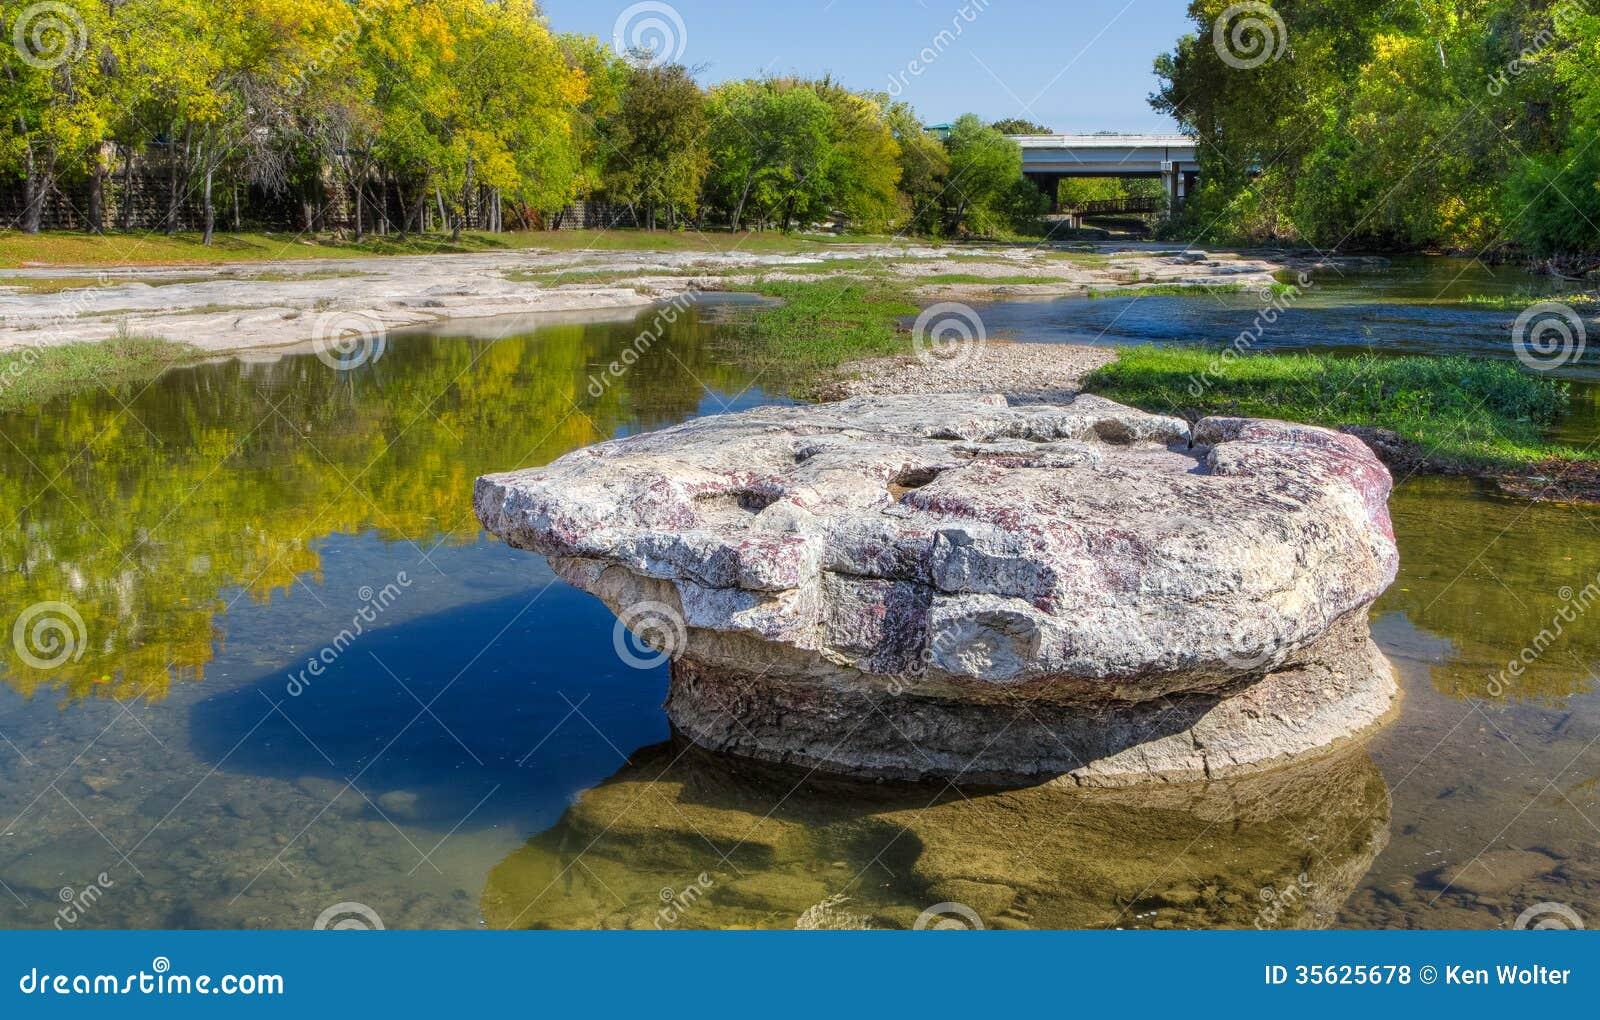 Round rock texas time